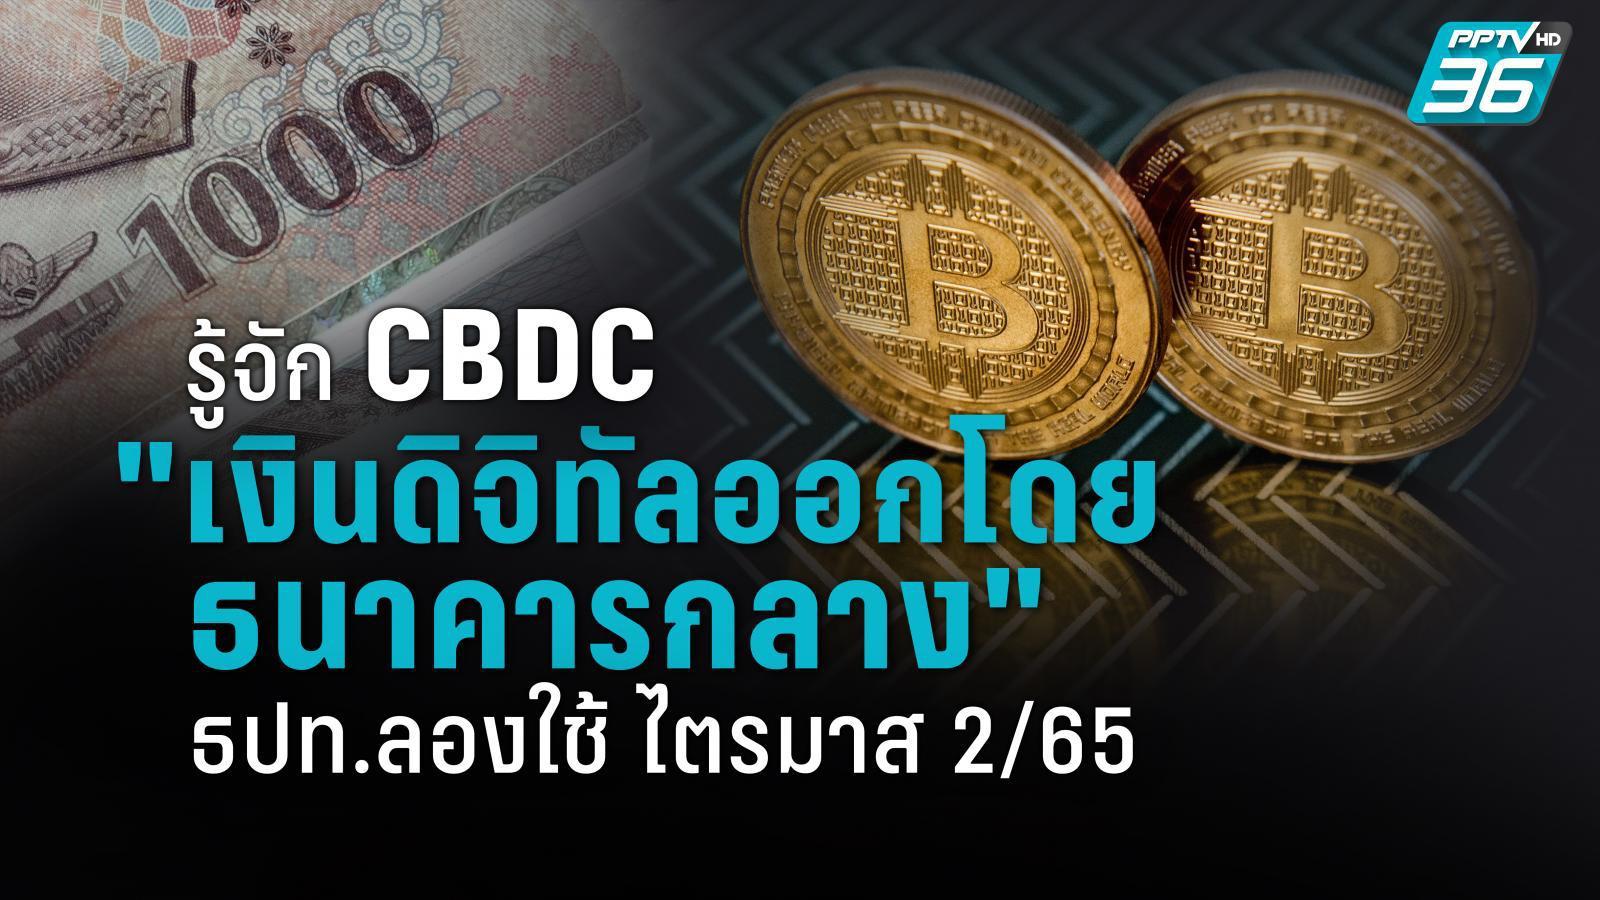 """รู้จัก CBDC """"เงินดิจิทัลที่ออกโดยธนาคารกลาง"""" ธปท.ทดลองใช้ ไตรมาส 2/65"""